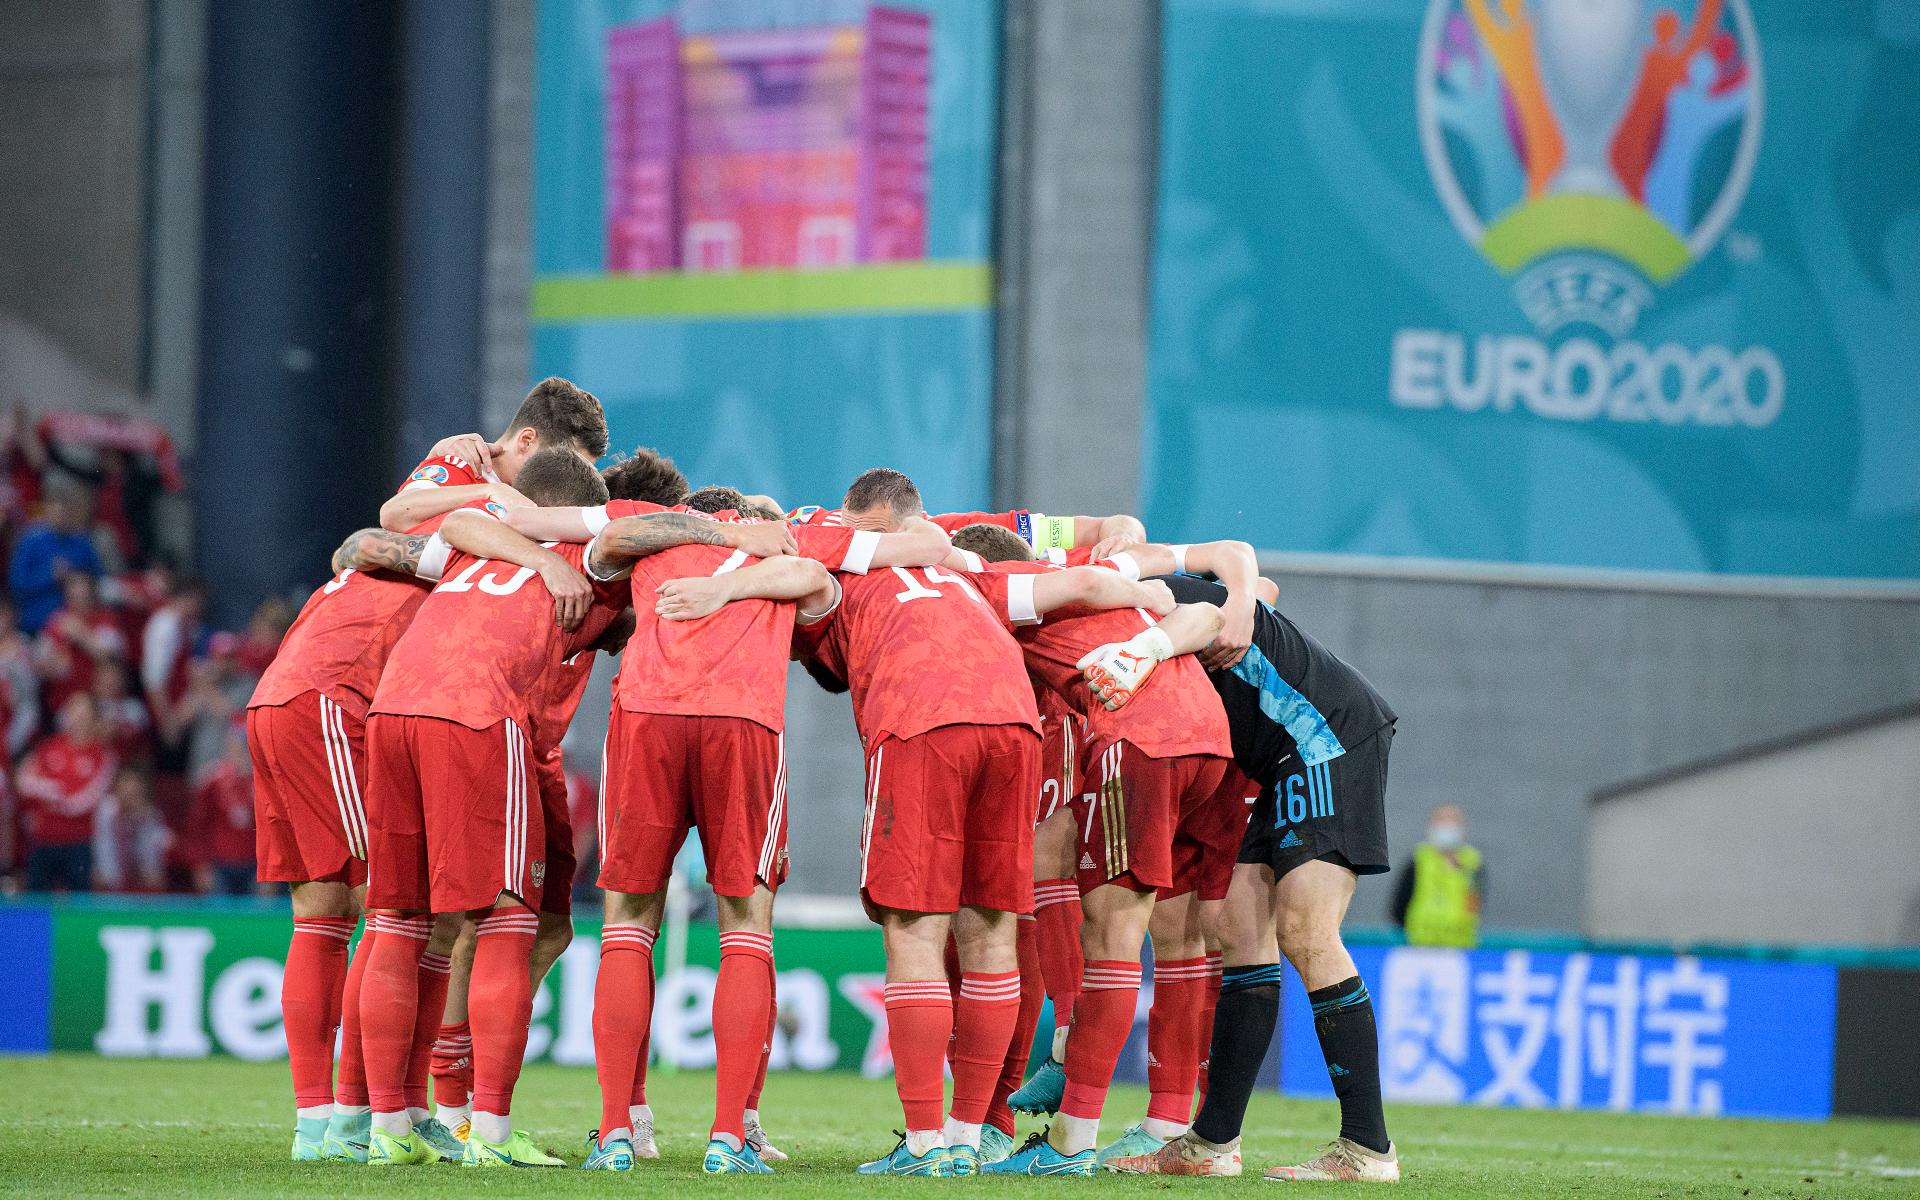 Фото:Игроки сборной России (Global Look Press)